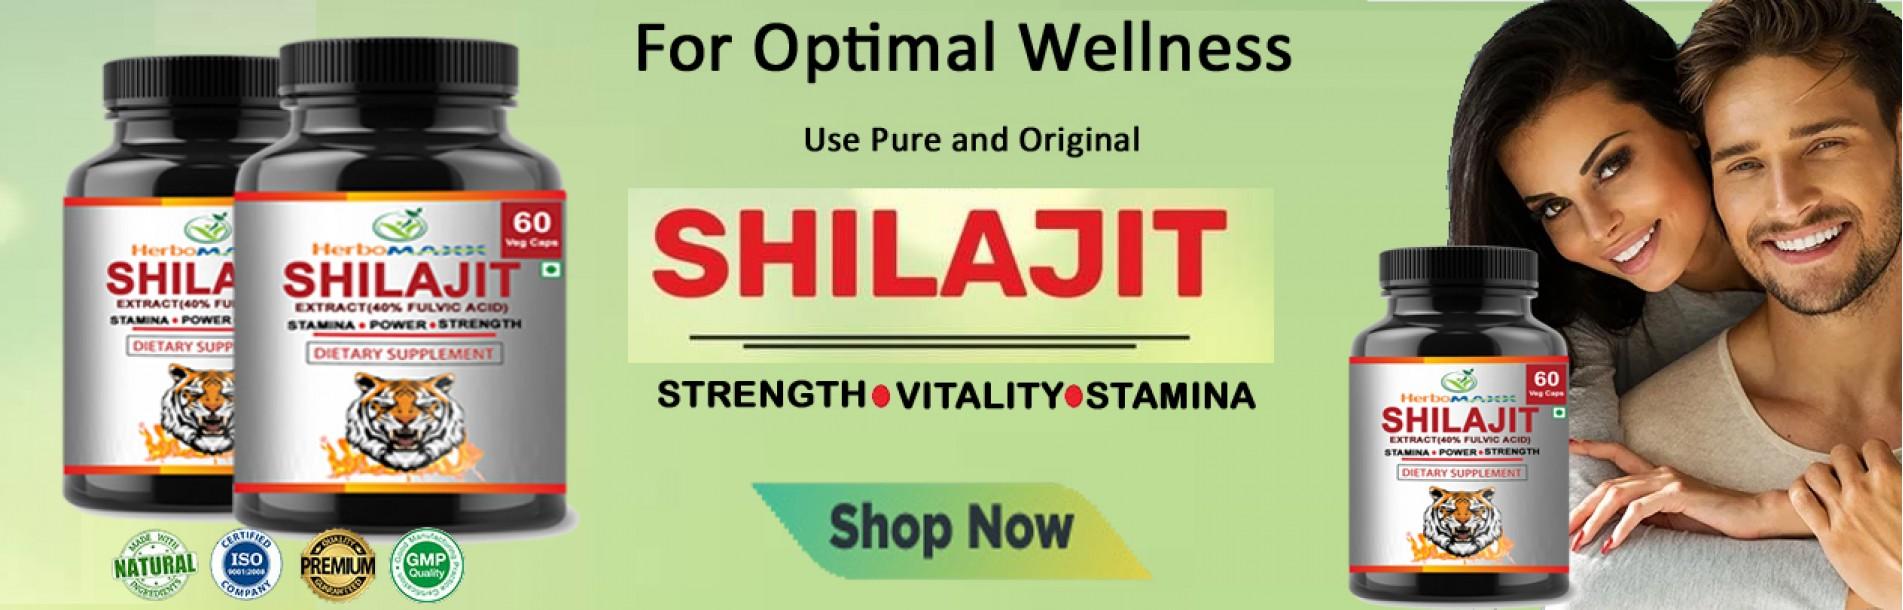 Herbomax Shilajit